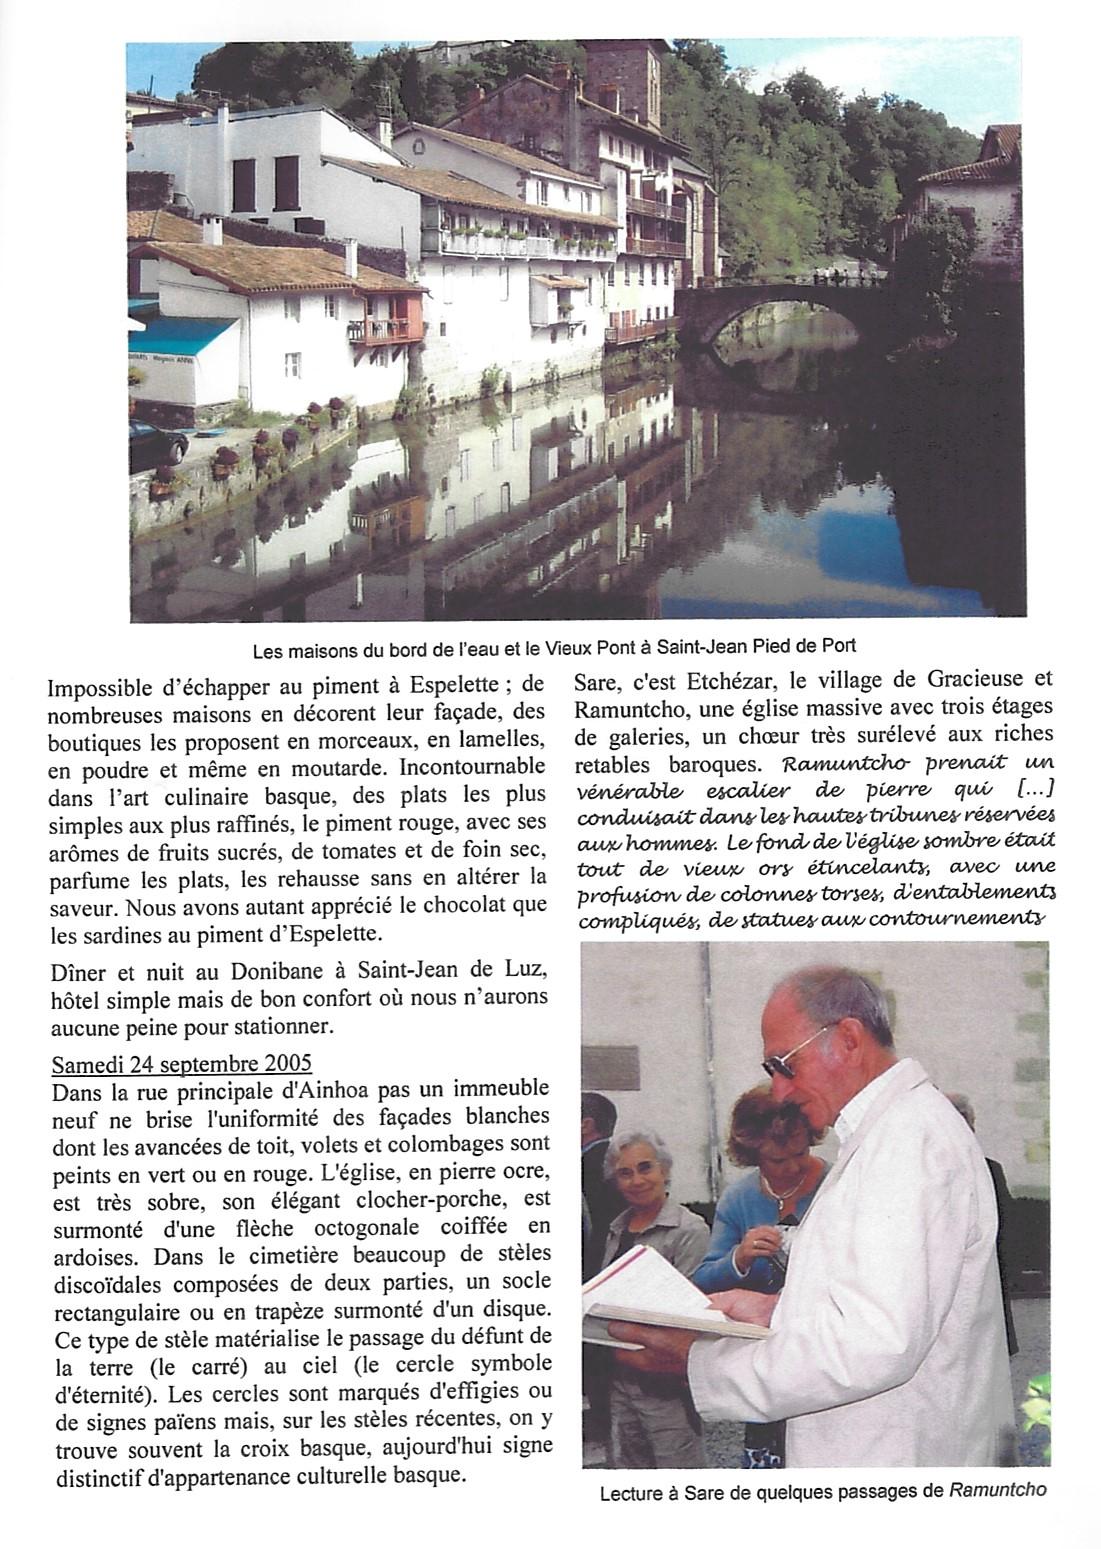 voyage au pays de Ramuntcho-page3(17)+